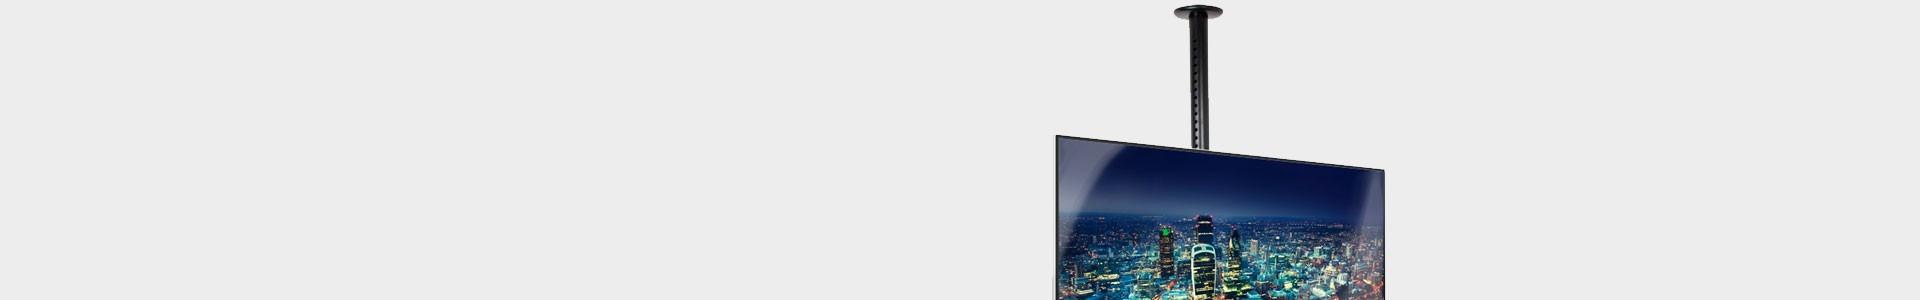 Soportes profesionales de techo para televisores y monitores - Avacab